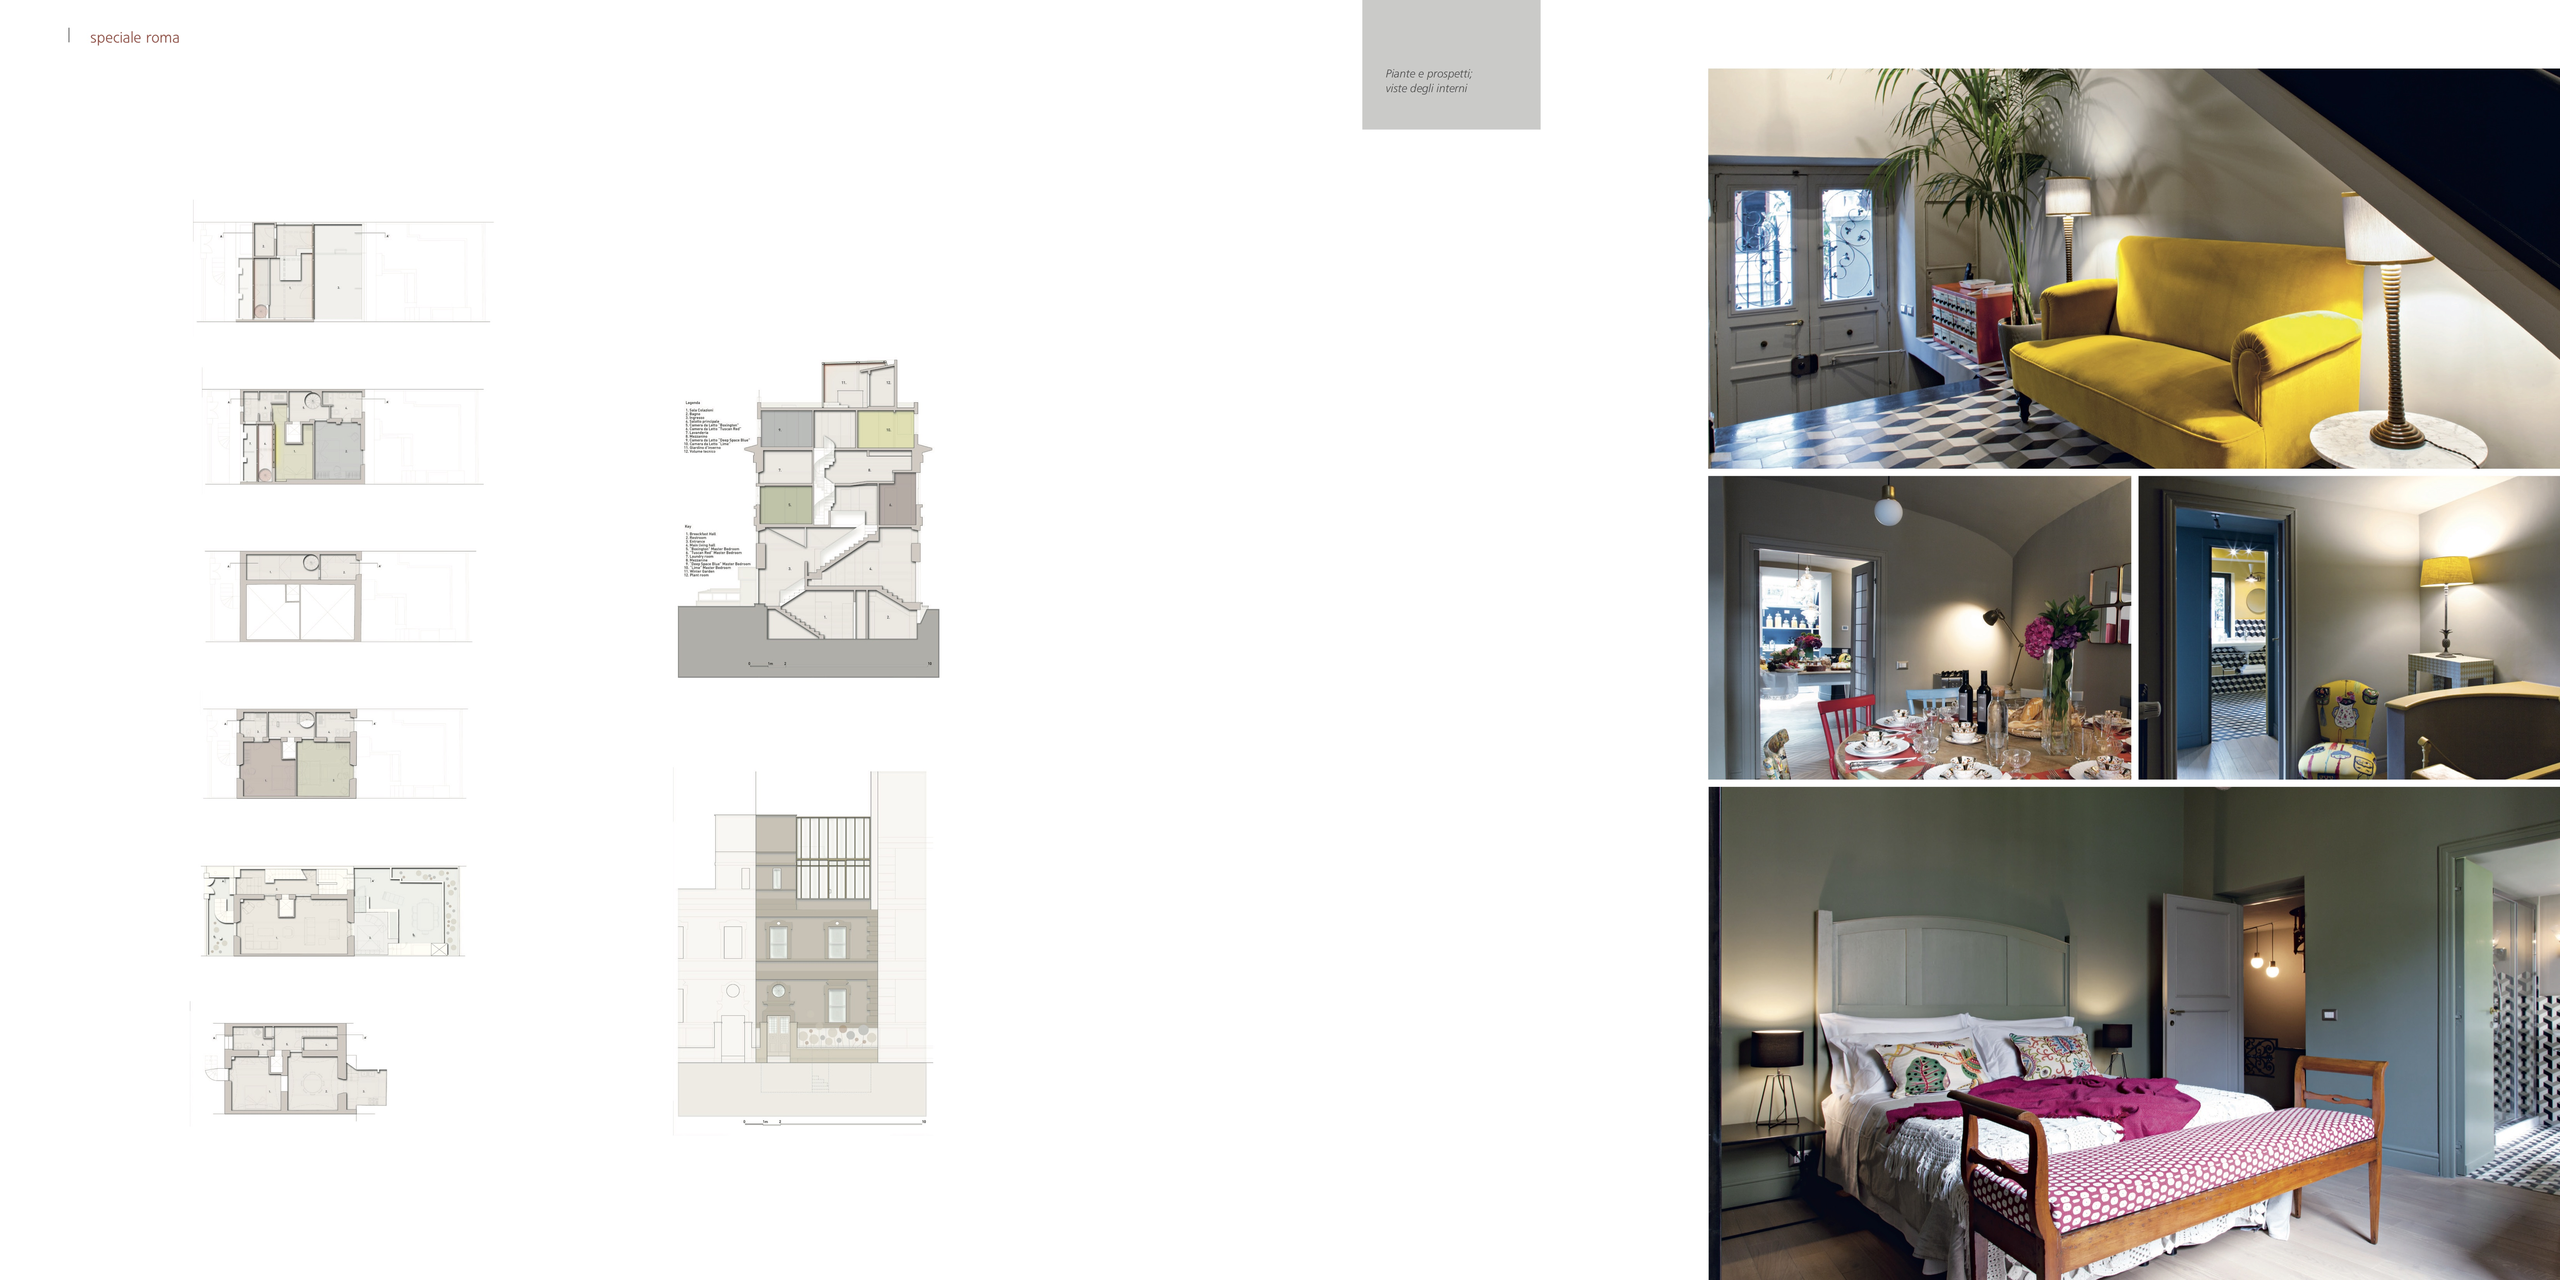 Design Degli Interni Roma 05-gargiulio-m-benedetta (dragged) 3 – nos design